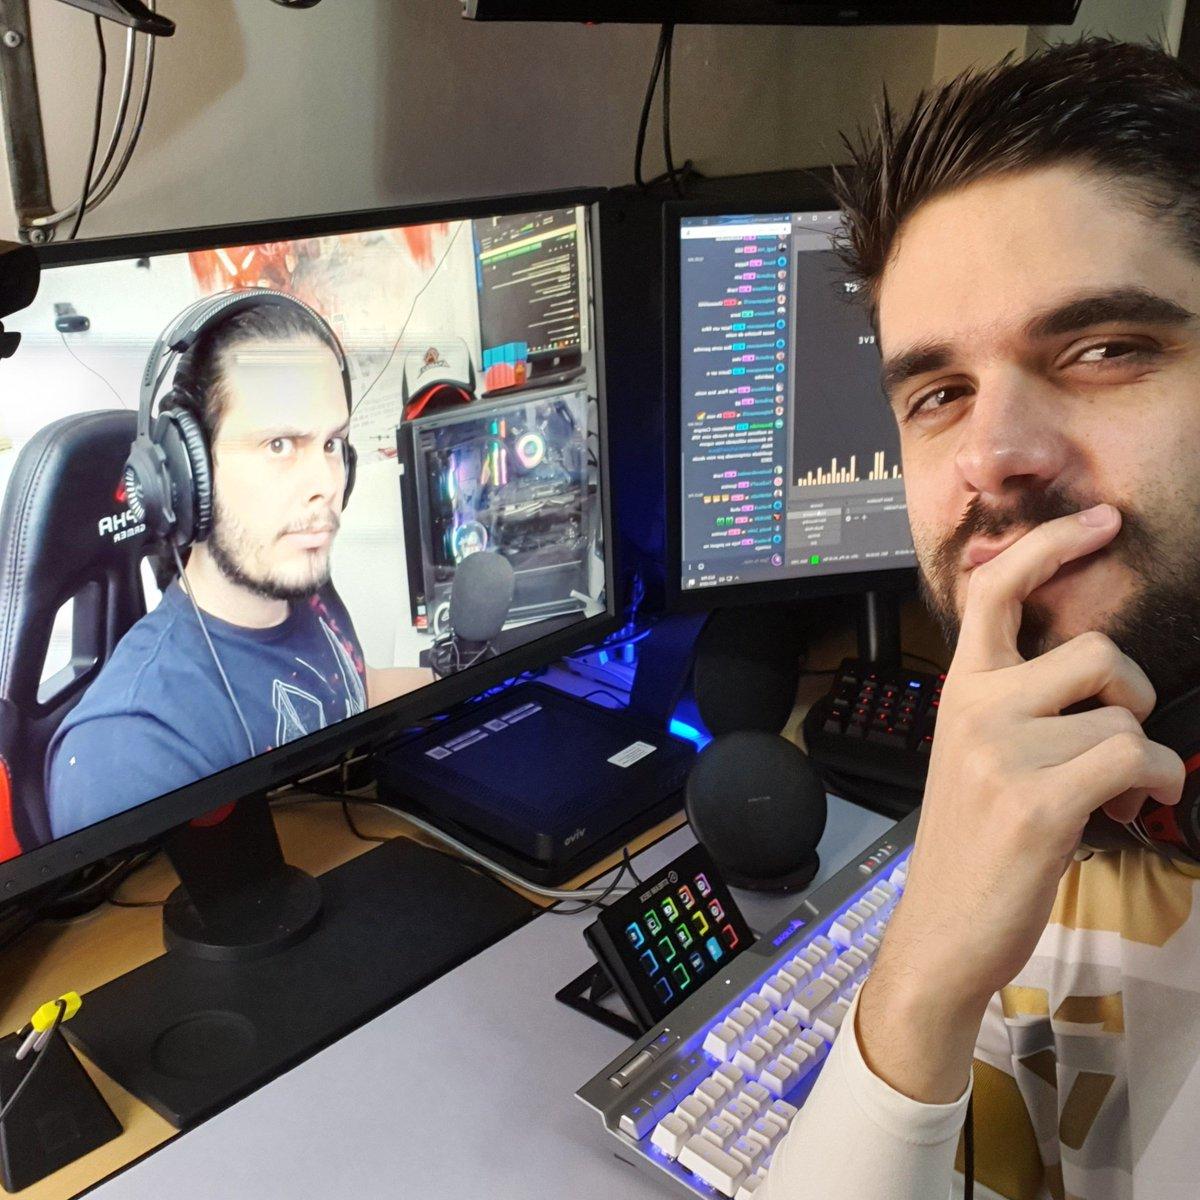 Stream começando. Hoje eh dia de jogar uns duos com esse homem maravilhoso. Bora @Anarqui4_ ! LIVE NOW! mixer.com/pava By @WatchMixer @teamoneesports